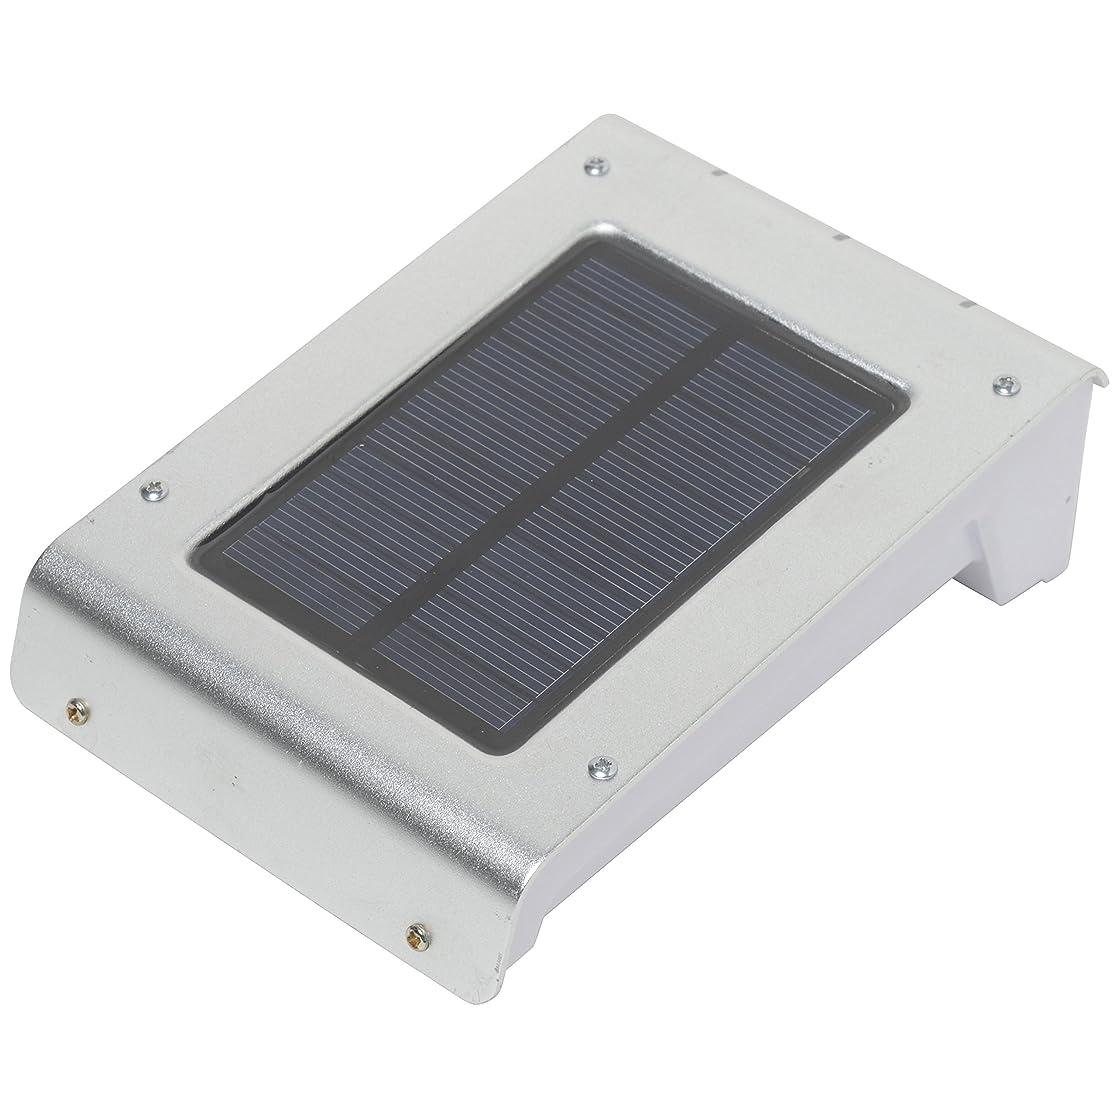 土器メディック登録するツインエコ センサーライト ソーラーモーションライトスマート(黄) TEESESL11PA-Y